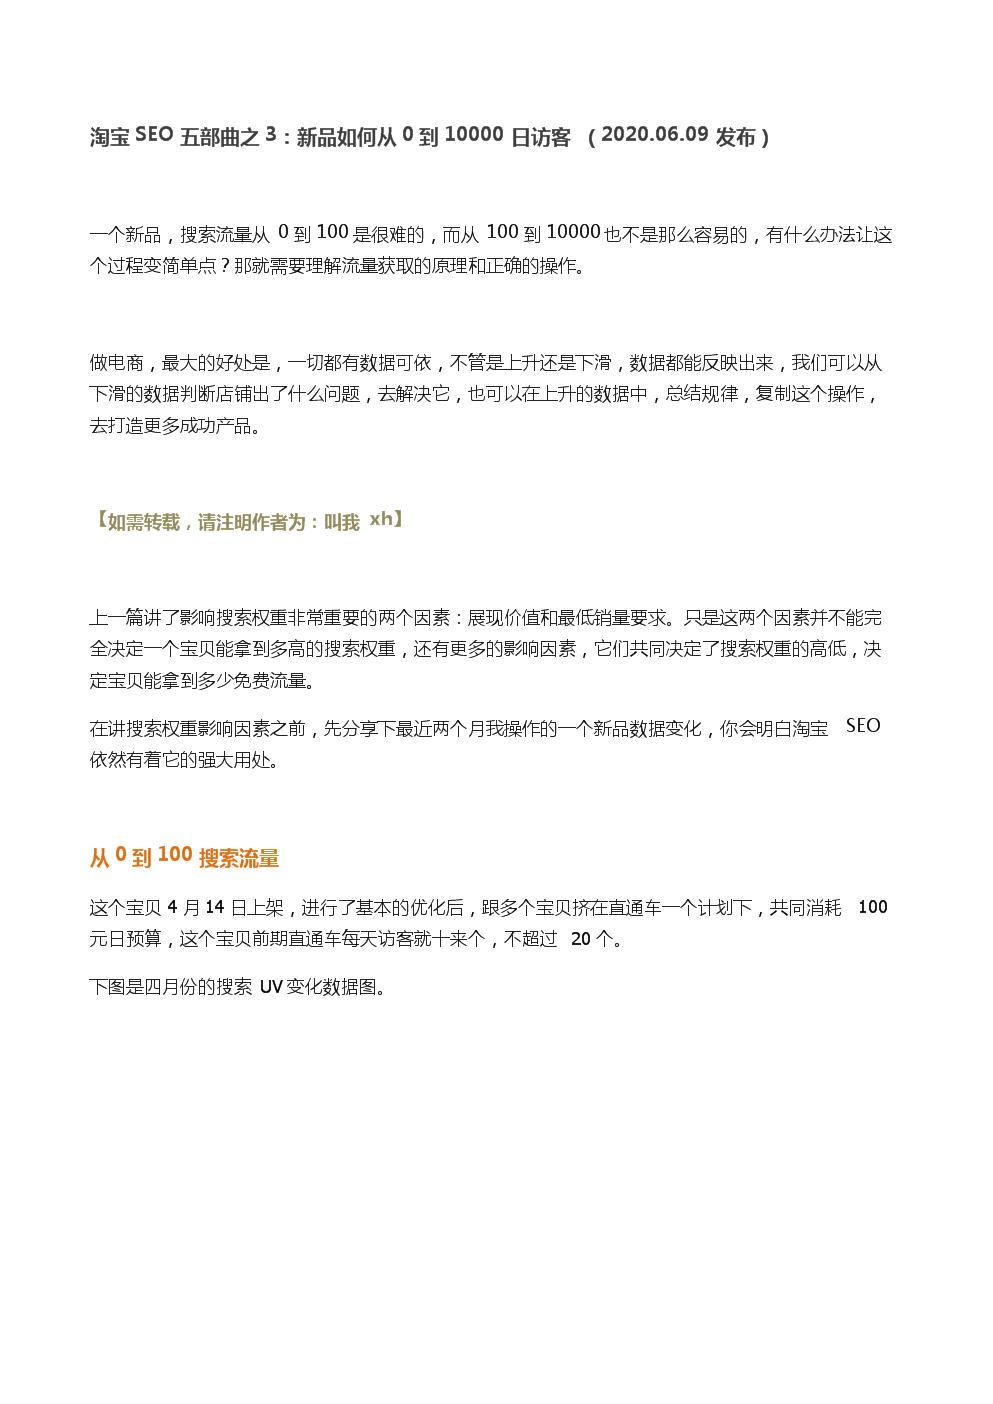 69.淘宝SEO五部曲之3:新品如何从0到10000日访客  by 叫我xh.docx